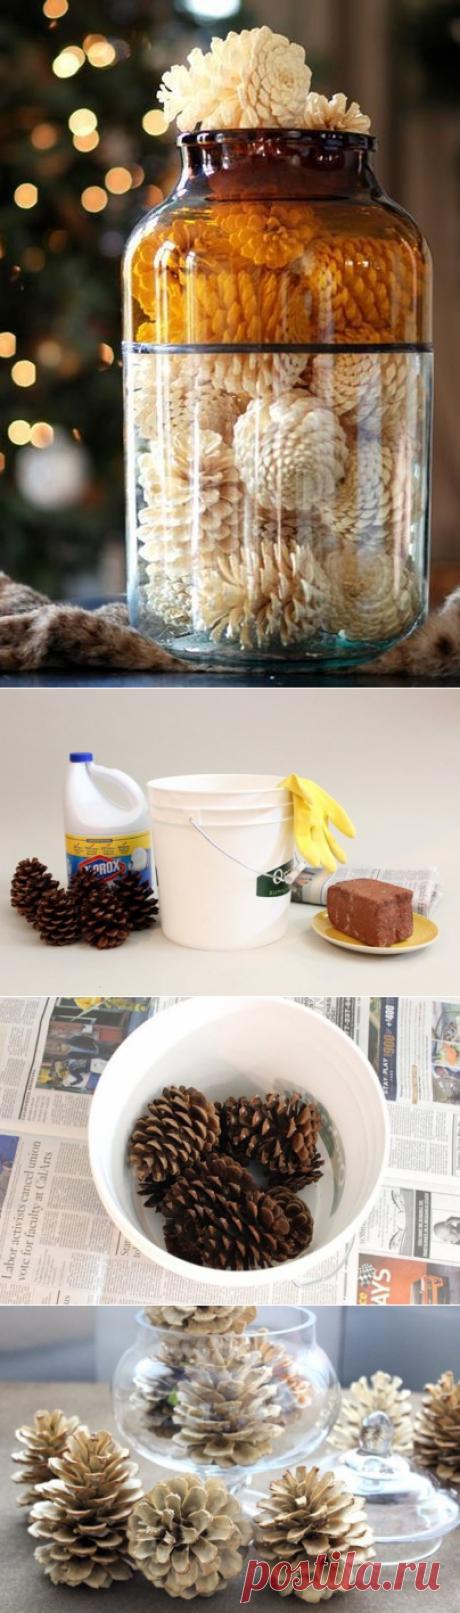 Как отбелить сосновые шишки